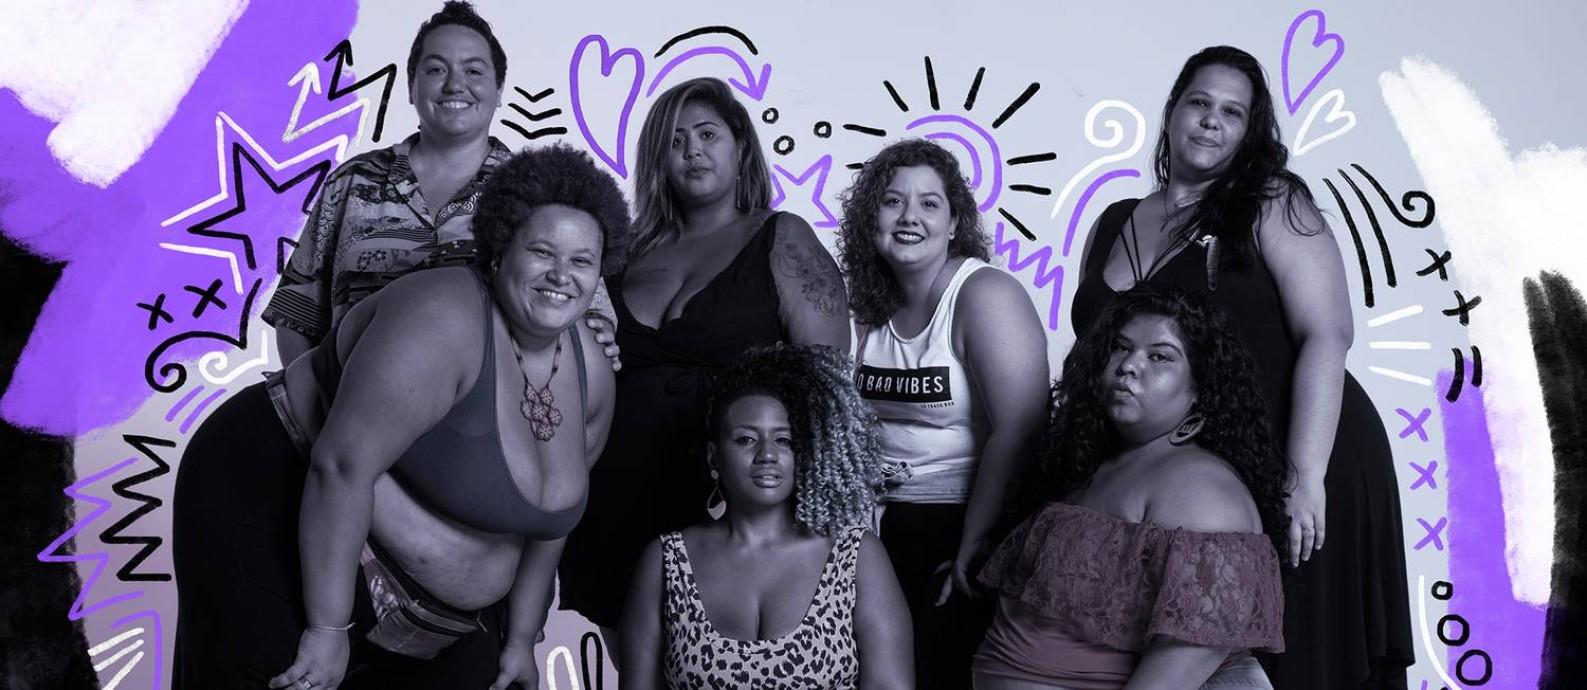 Integrantes do Slam das Minas, que se apresentam após o debate sobre gordofobia no Parque Lage Foto: Arte de Lari Arantes sobre foto de Gabriel Monteiro / Gabriel Monteiro